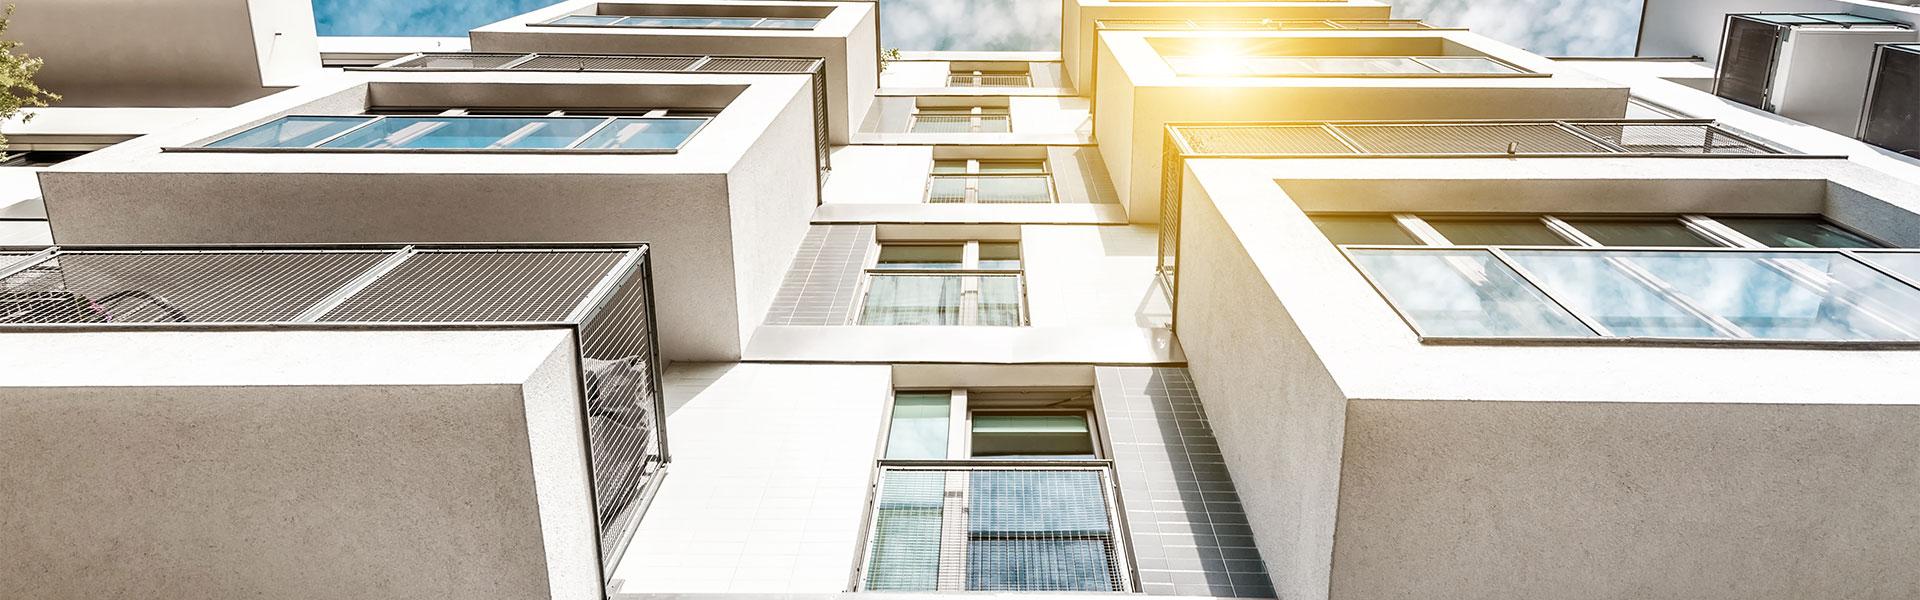 Leistungen der Paul Hoffmann GmbH in Bochum